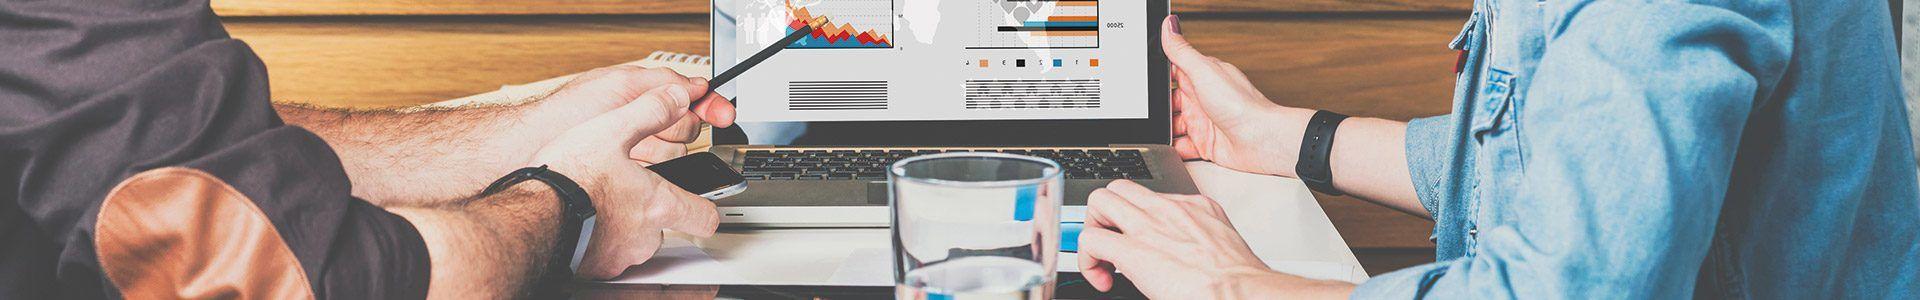 social media marketing waarom het werkt voor elk bedrijf